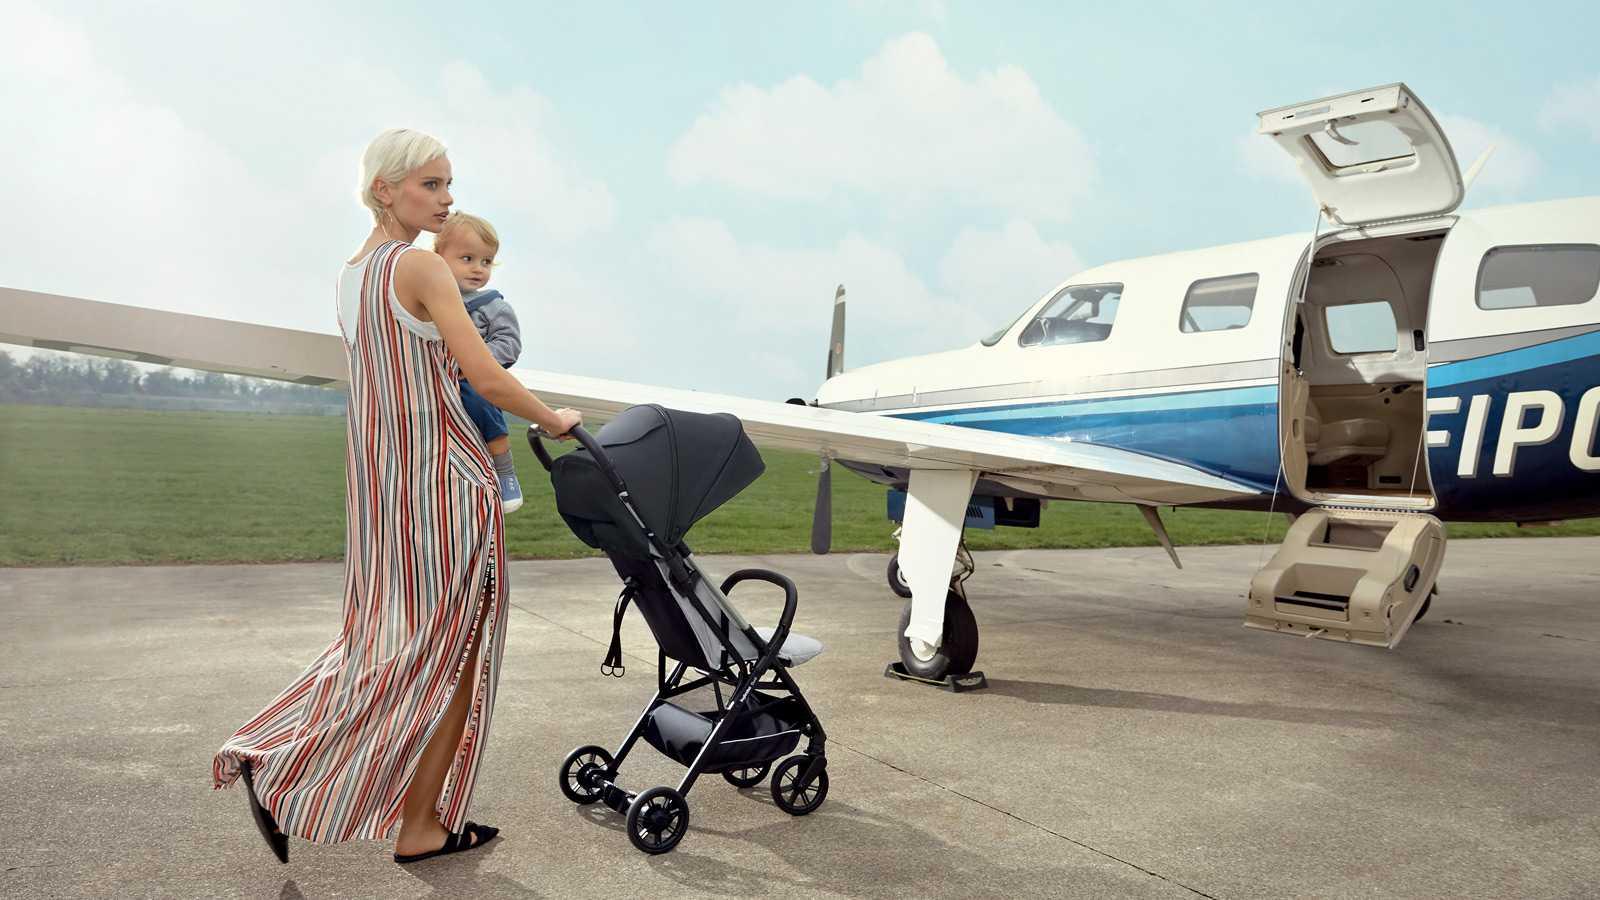 Viaje en avion silla de paseo Quid Inglesina